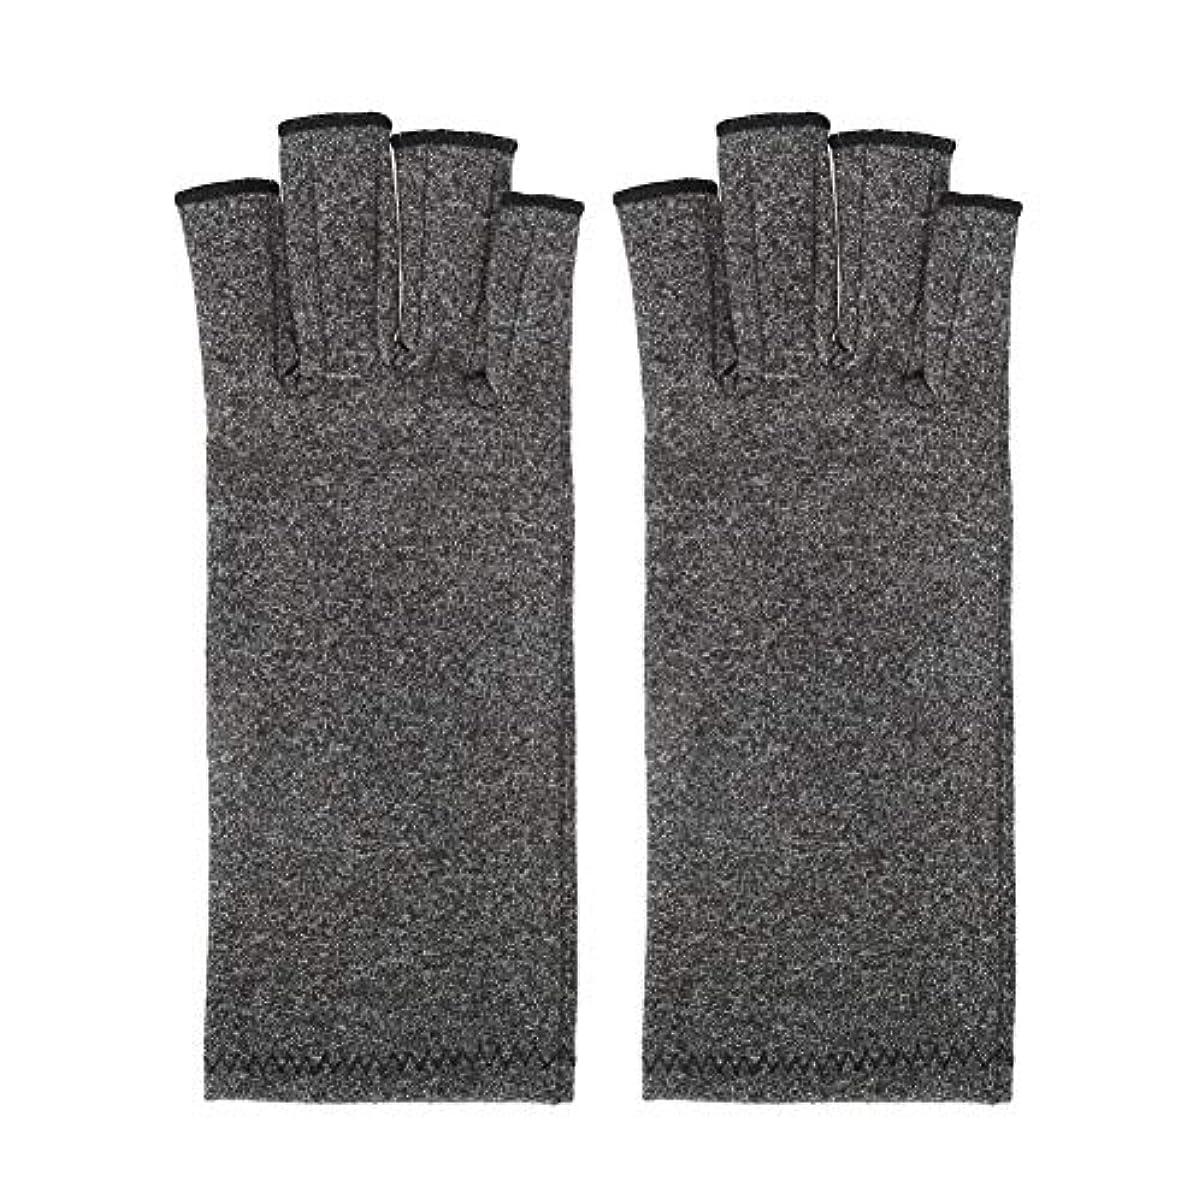 主観的抽選解決する抗関節炎手袋抗関節炎ヘルスケアリハビリテーショントレーニング手袋圧縮療法リウマチ性疼痛